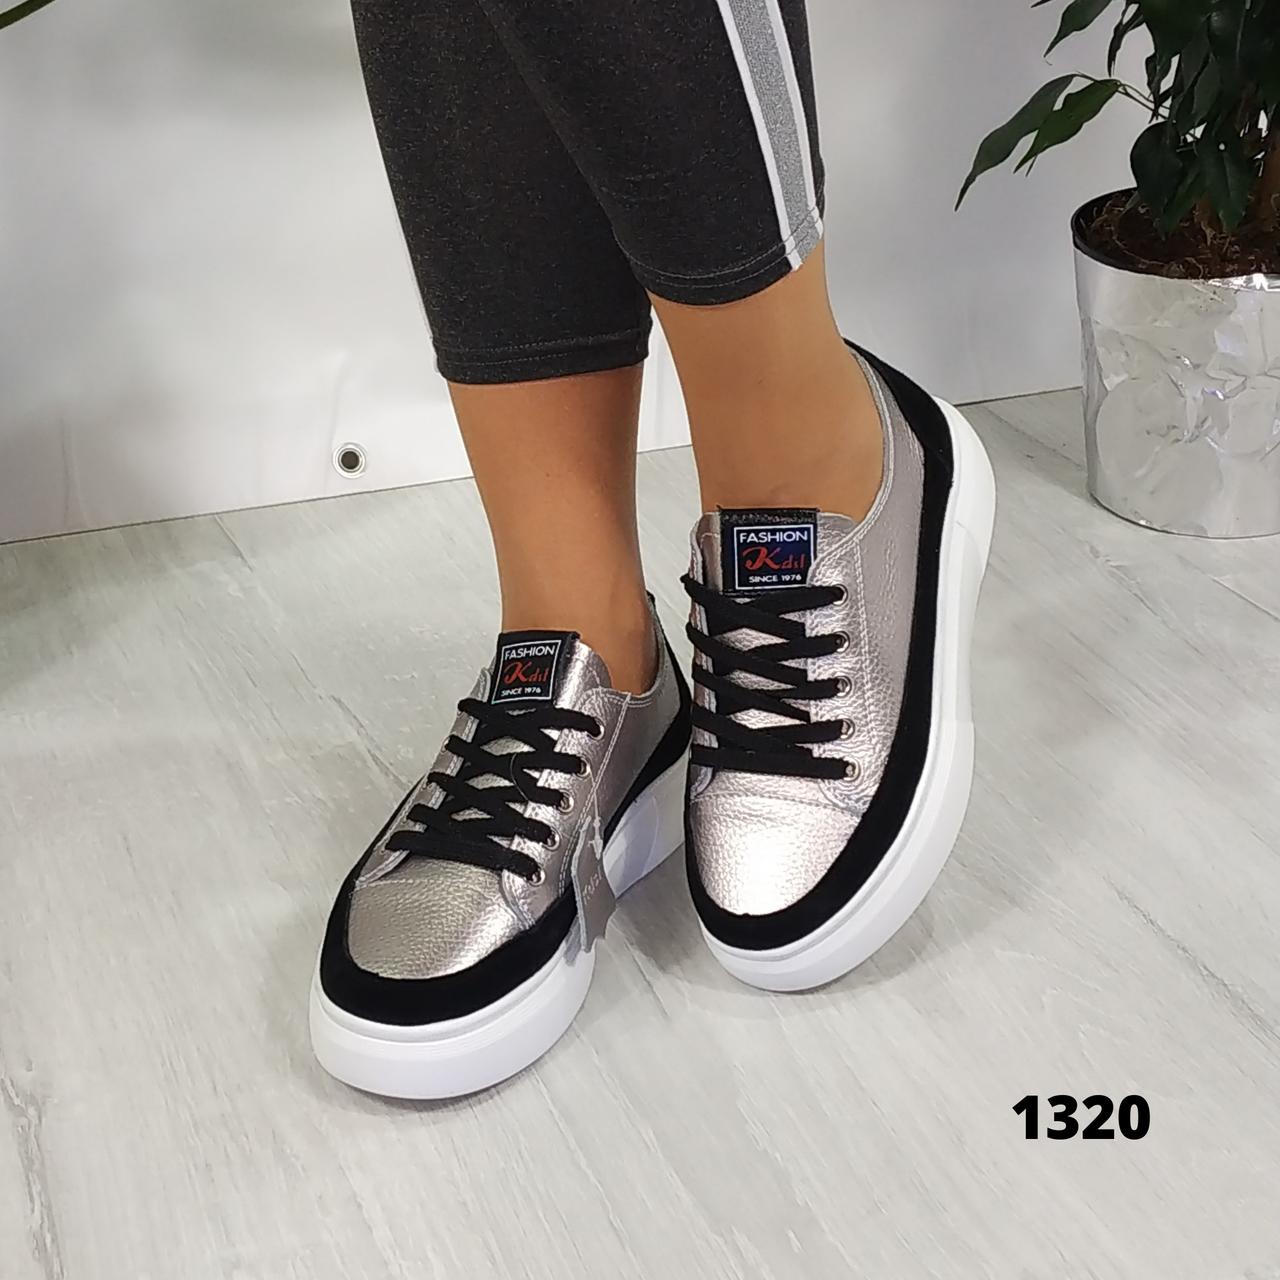 Женские кожаные кроссовки , хит продаж, реальные фото, ОВ 1320